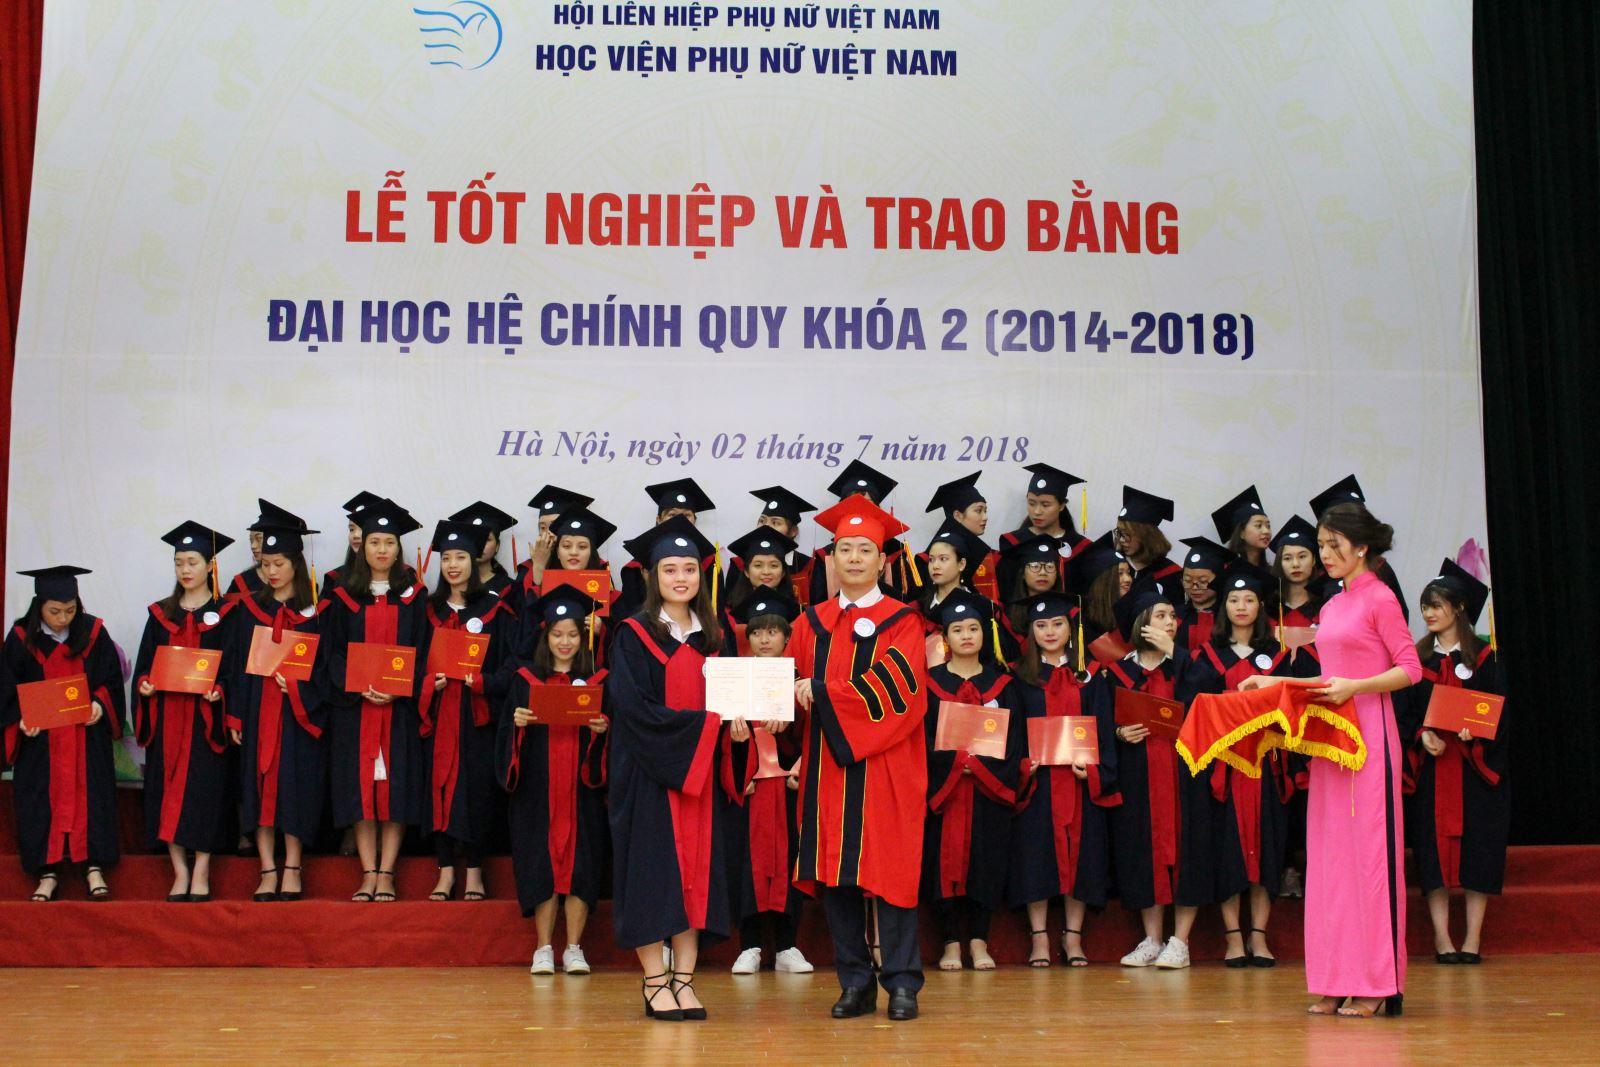 Học viện Phụ nữ Việt Nam trao bằng cử nhân cho sinh viên khóa 2